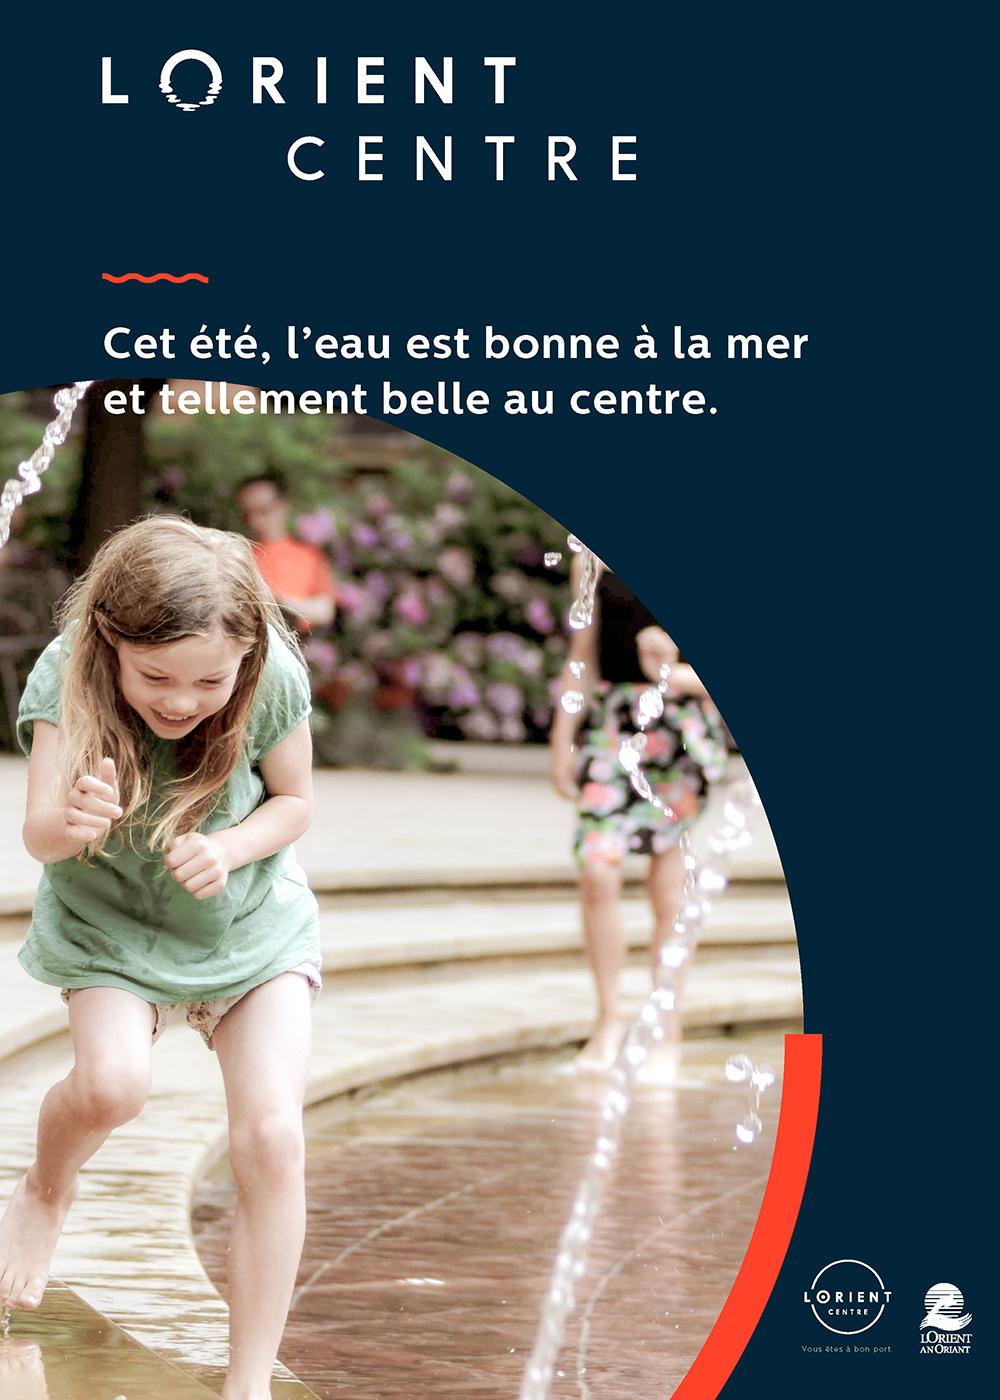 lorient-centre-ville-campagne-communication-1-2